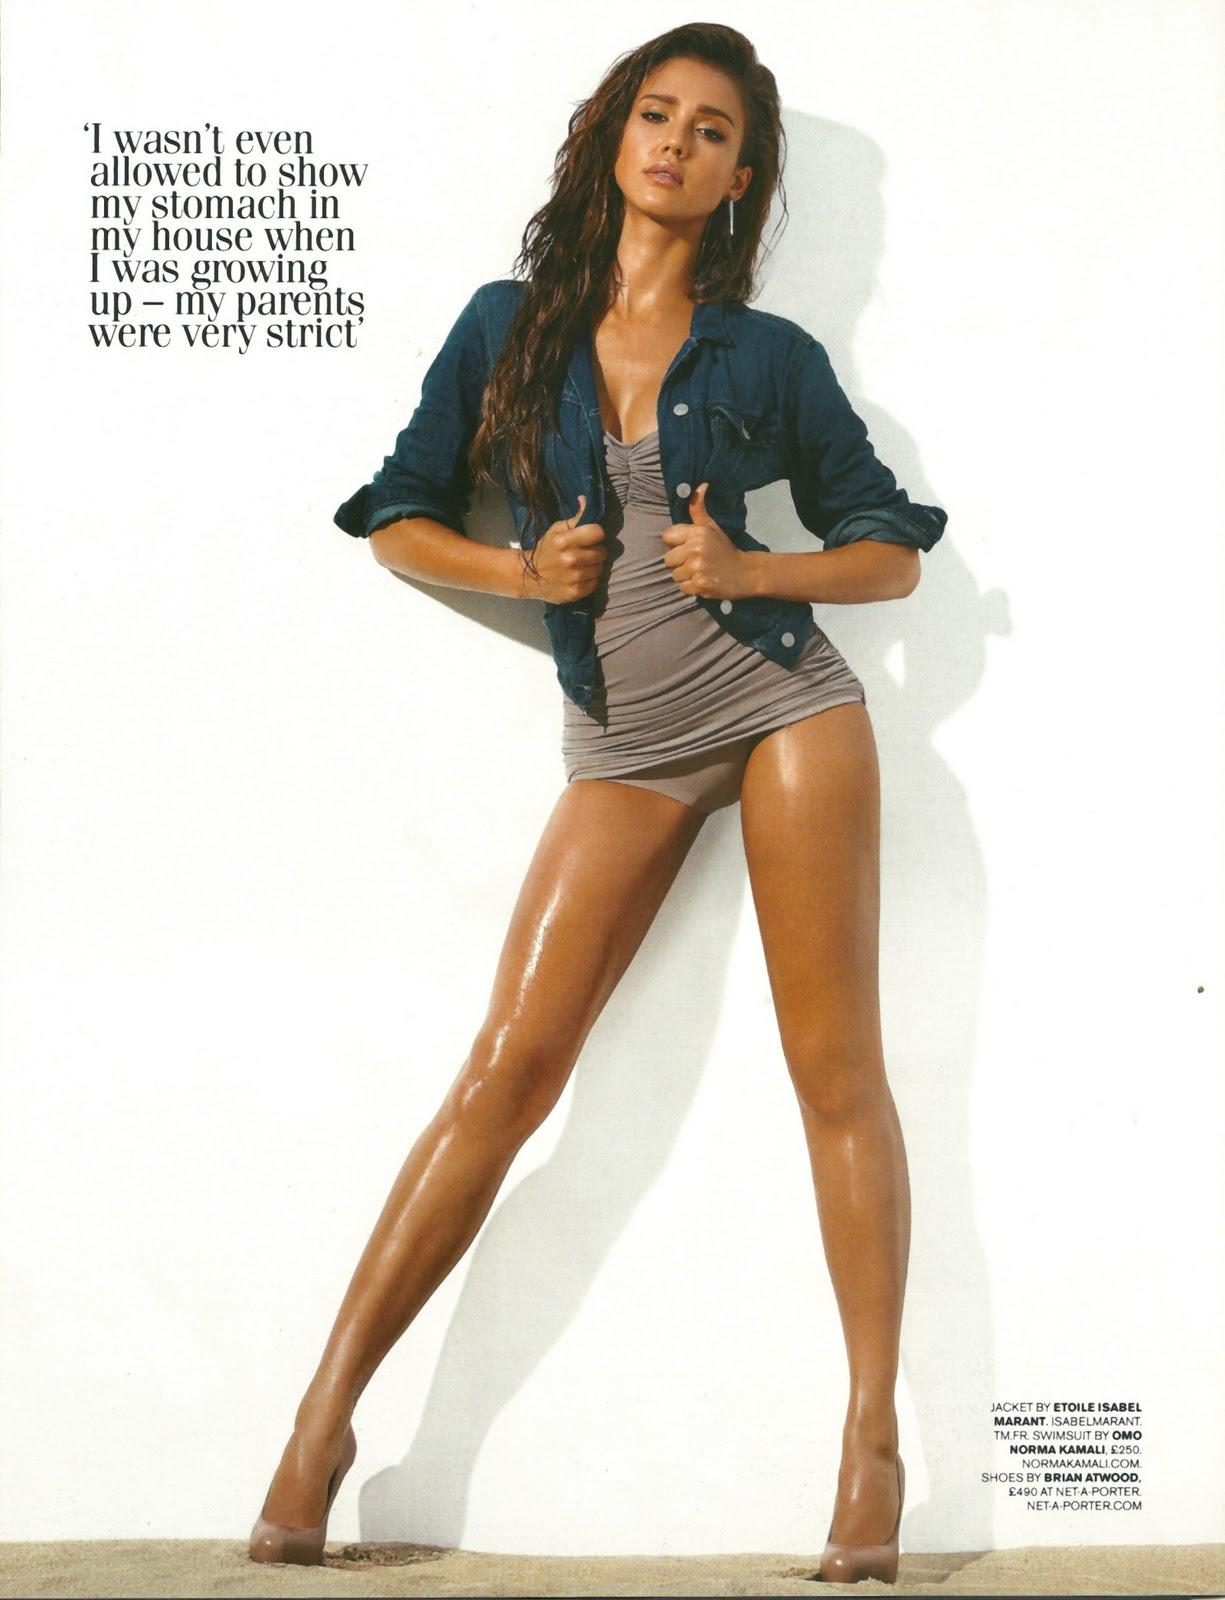 http://2.bp.blogspot.com/_DqQNorl_2Kc/TMqORWYcWlI/AAAAAAAABIo/SzR6E1xc-CI/s1600/Jessica-Alba-GQ-4.jpg